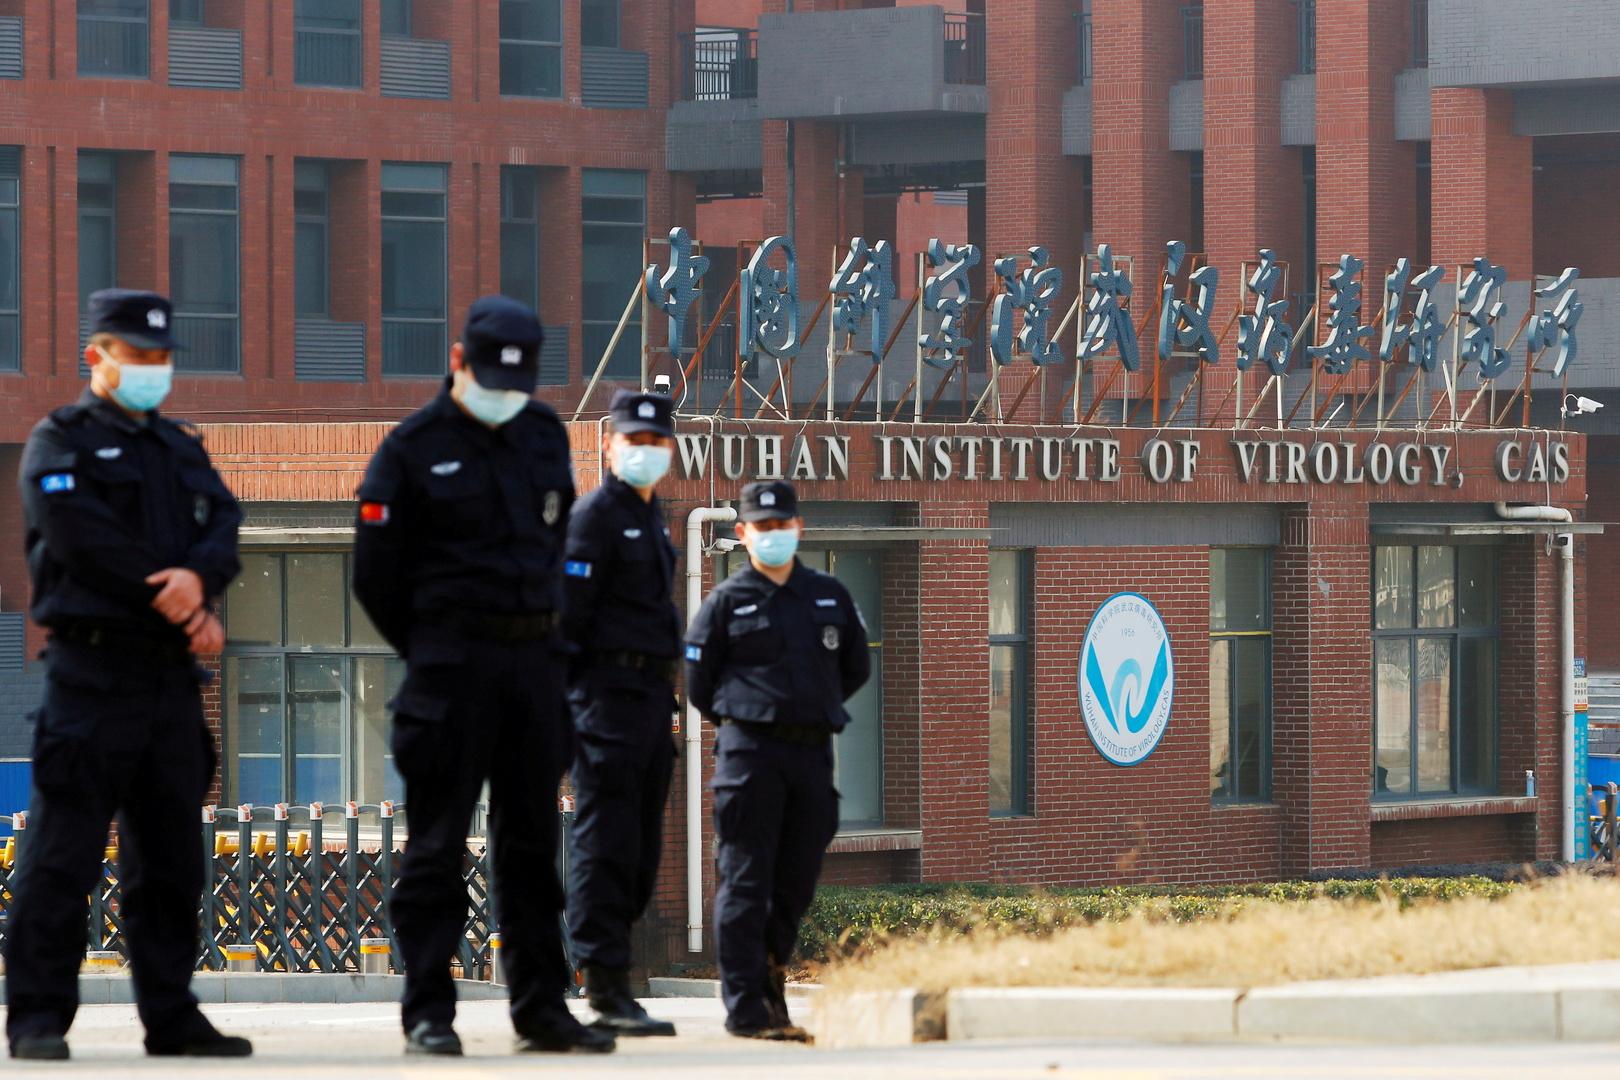 معهد وهان لعلم الفيروسات في الصين